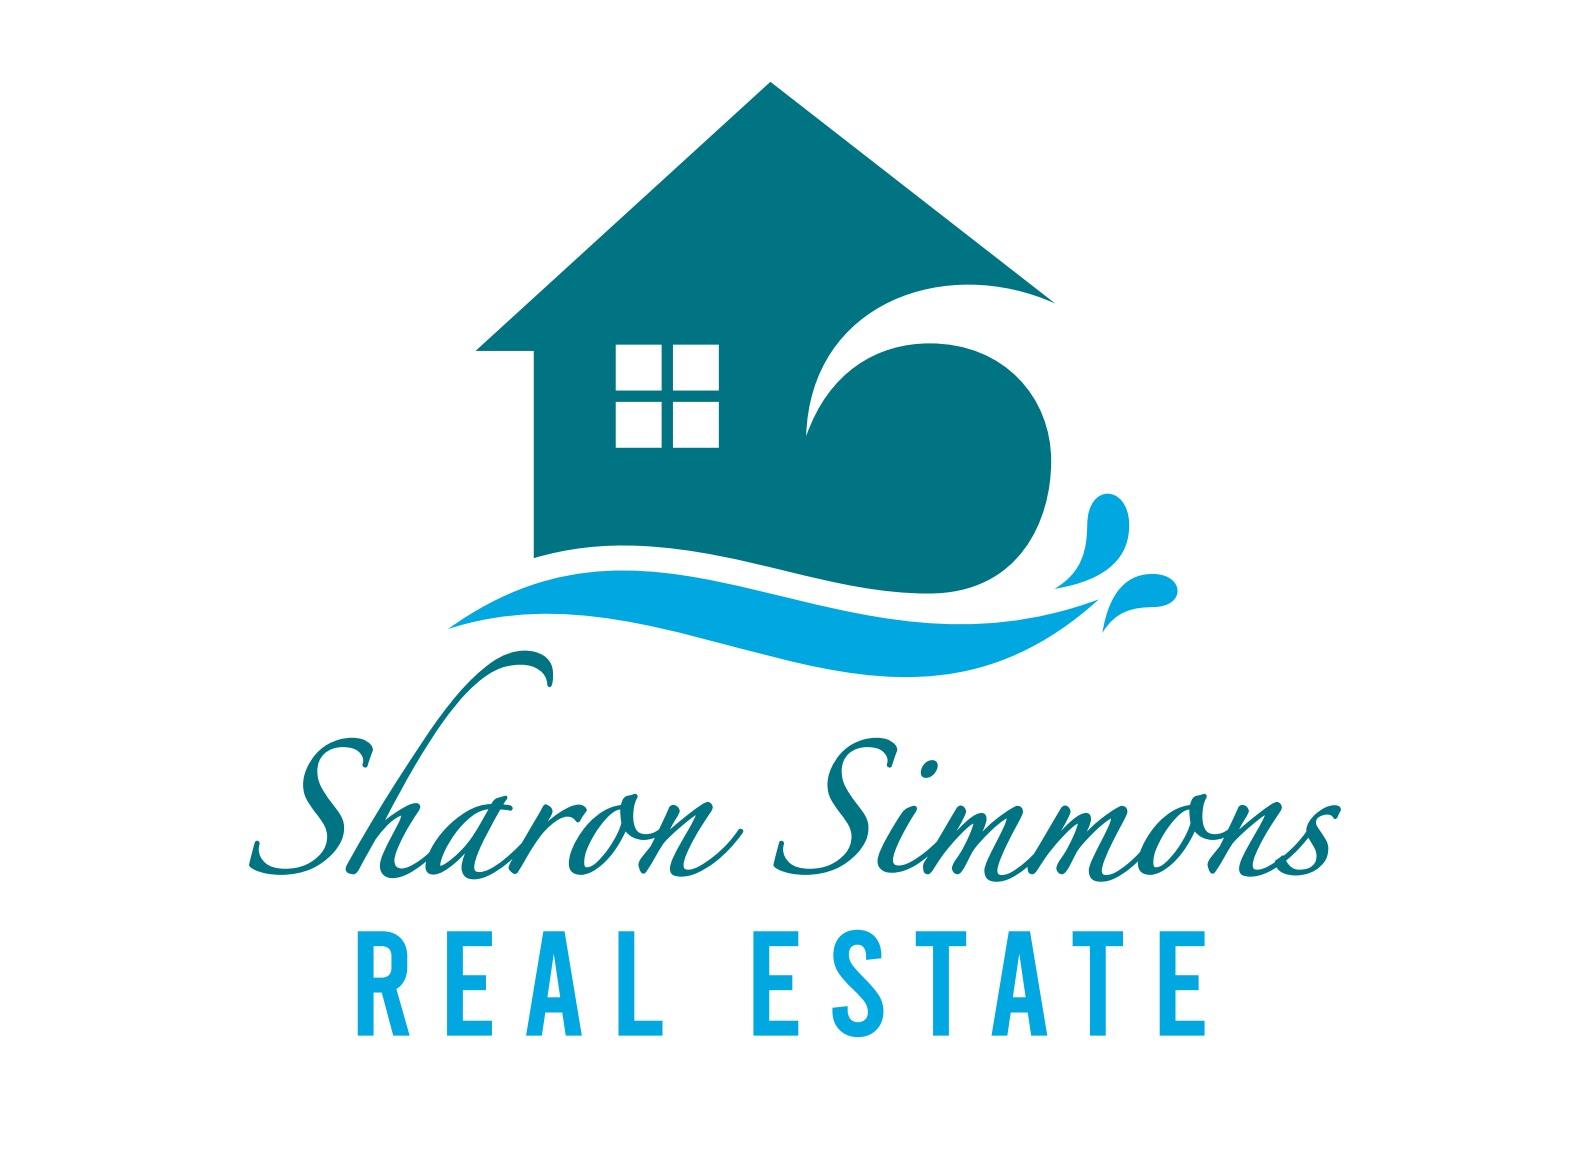 Sharon Simmons Real Estate